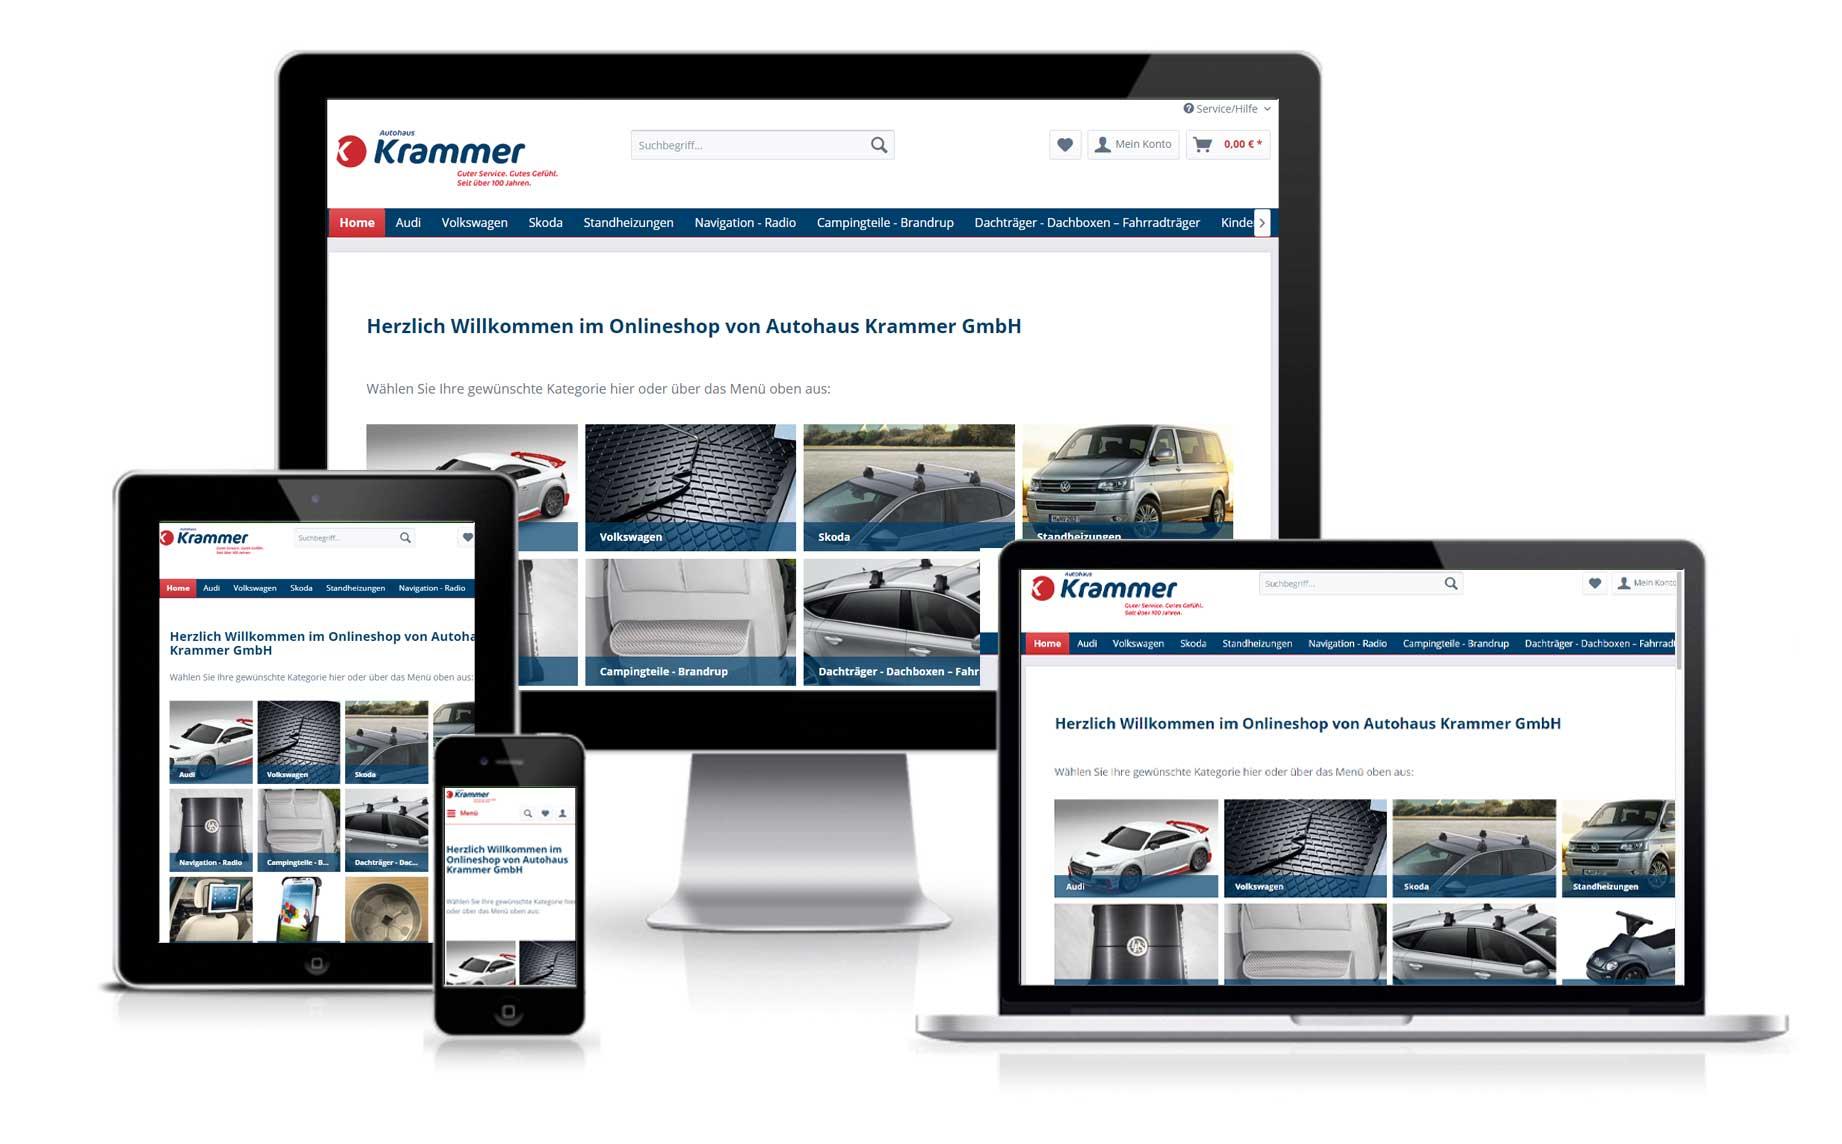 Online Shop Autozubehör Autohaus Krammer